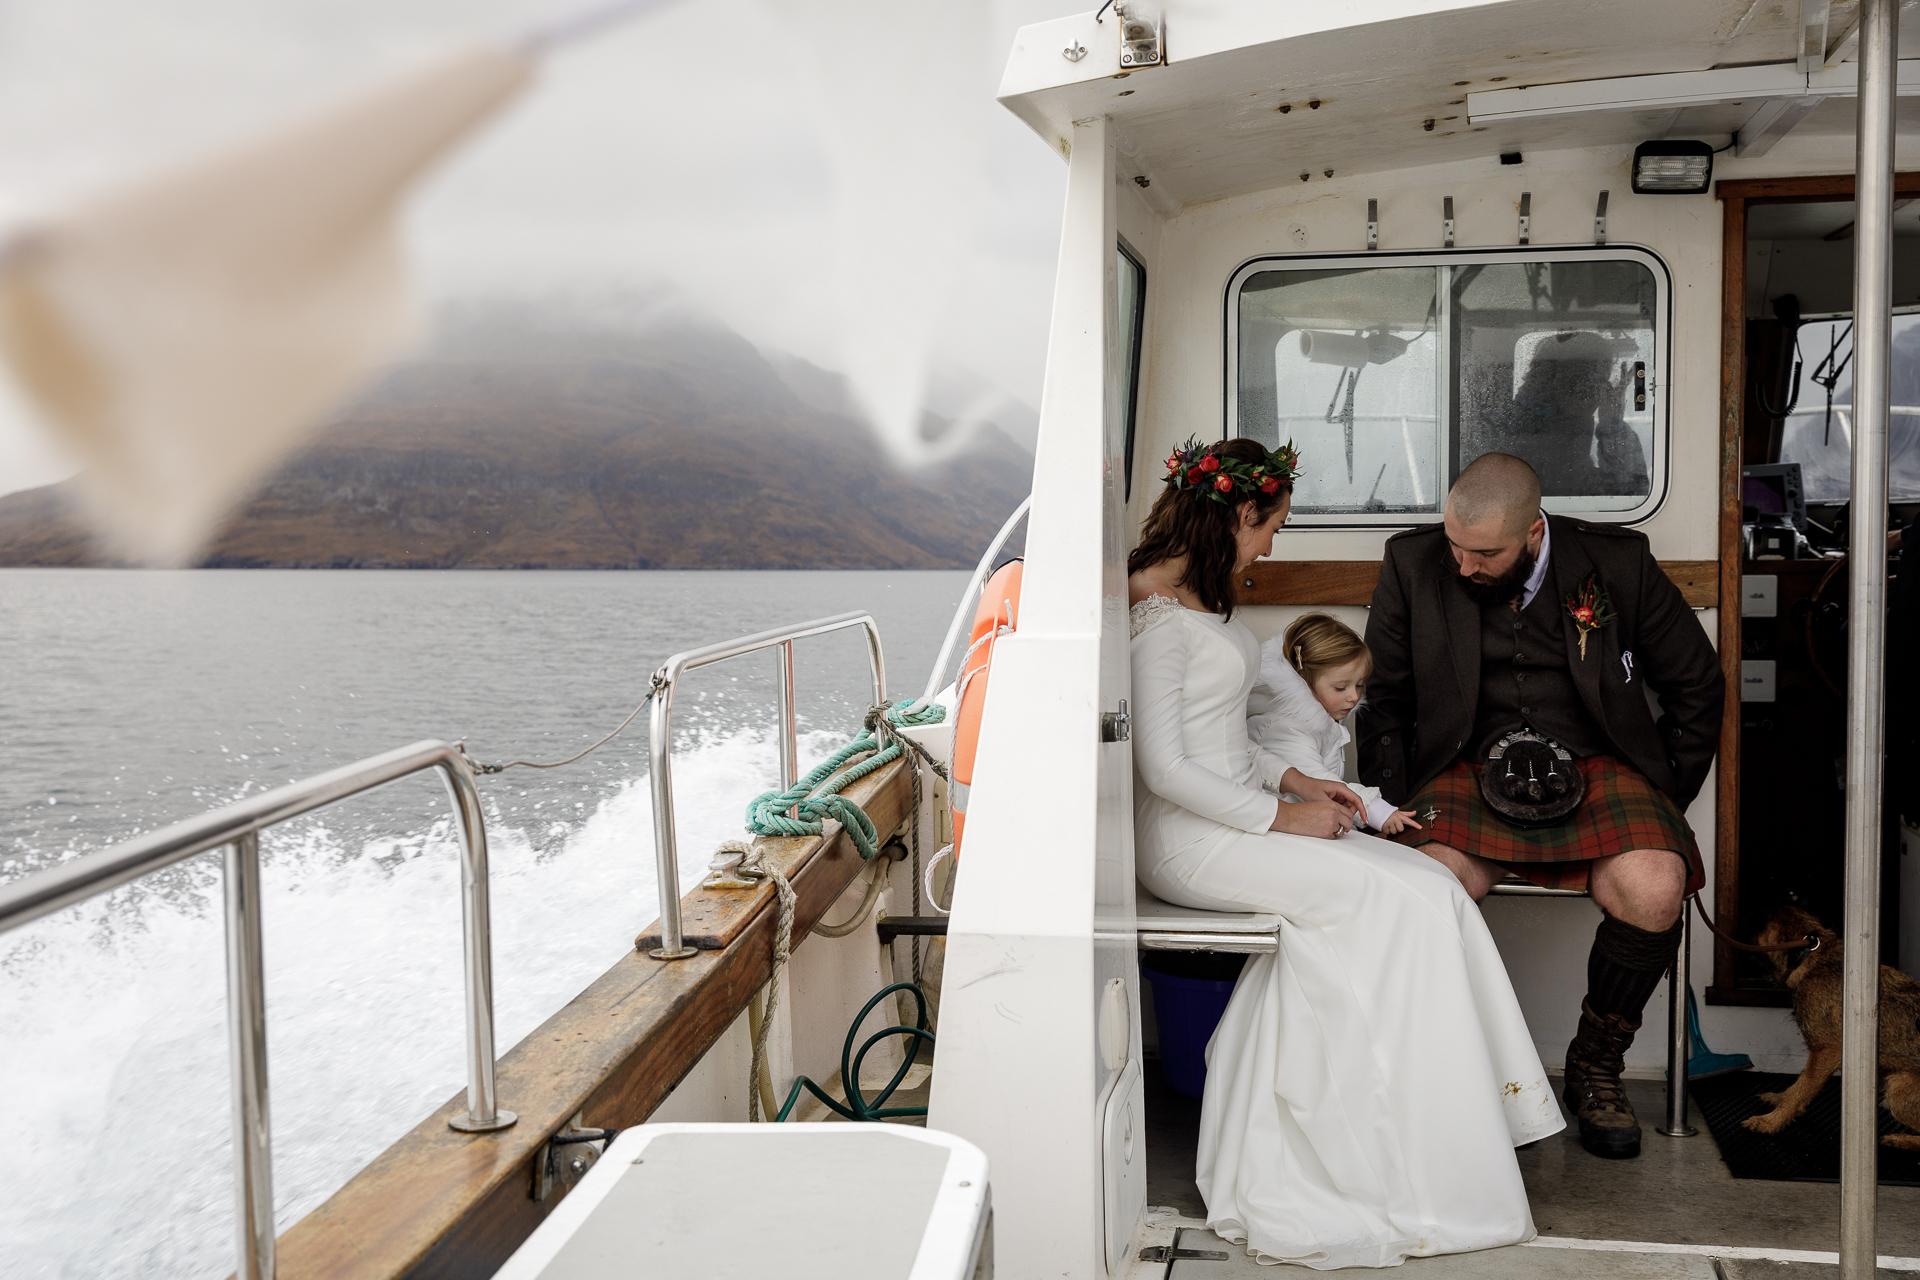 Isle of Skye, Schotland Elopement Image | Het was een beetje winderig tijdens de boottocht van 30 minuten, dus het paar en hun dochter bleven onder dekking totdat we de steiger bereikten waar we van de boot moesten afstappen